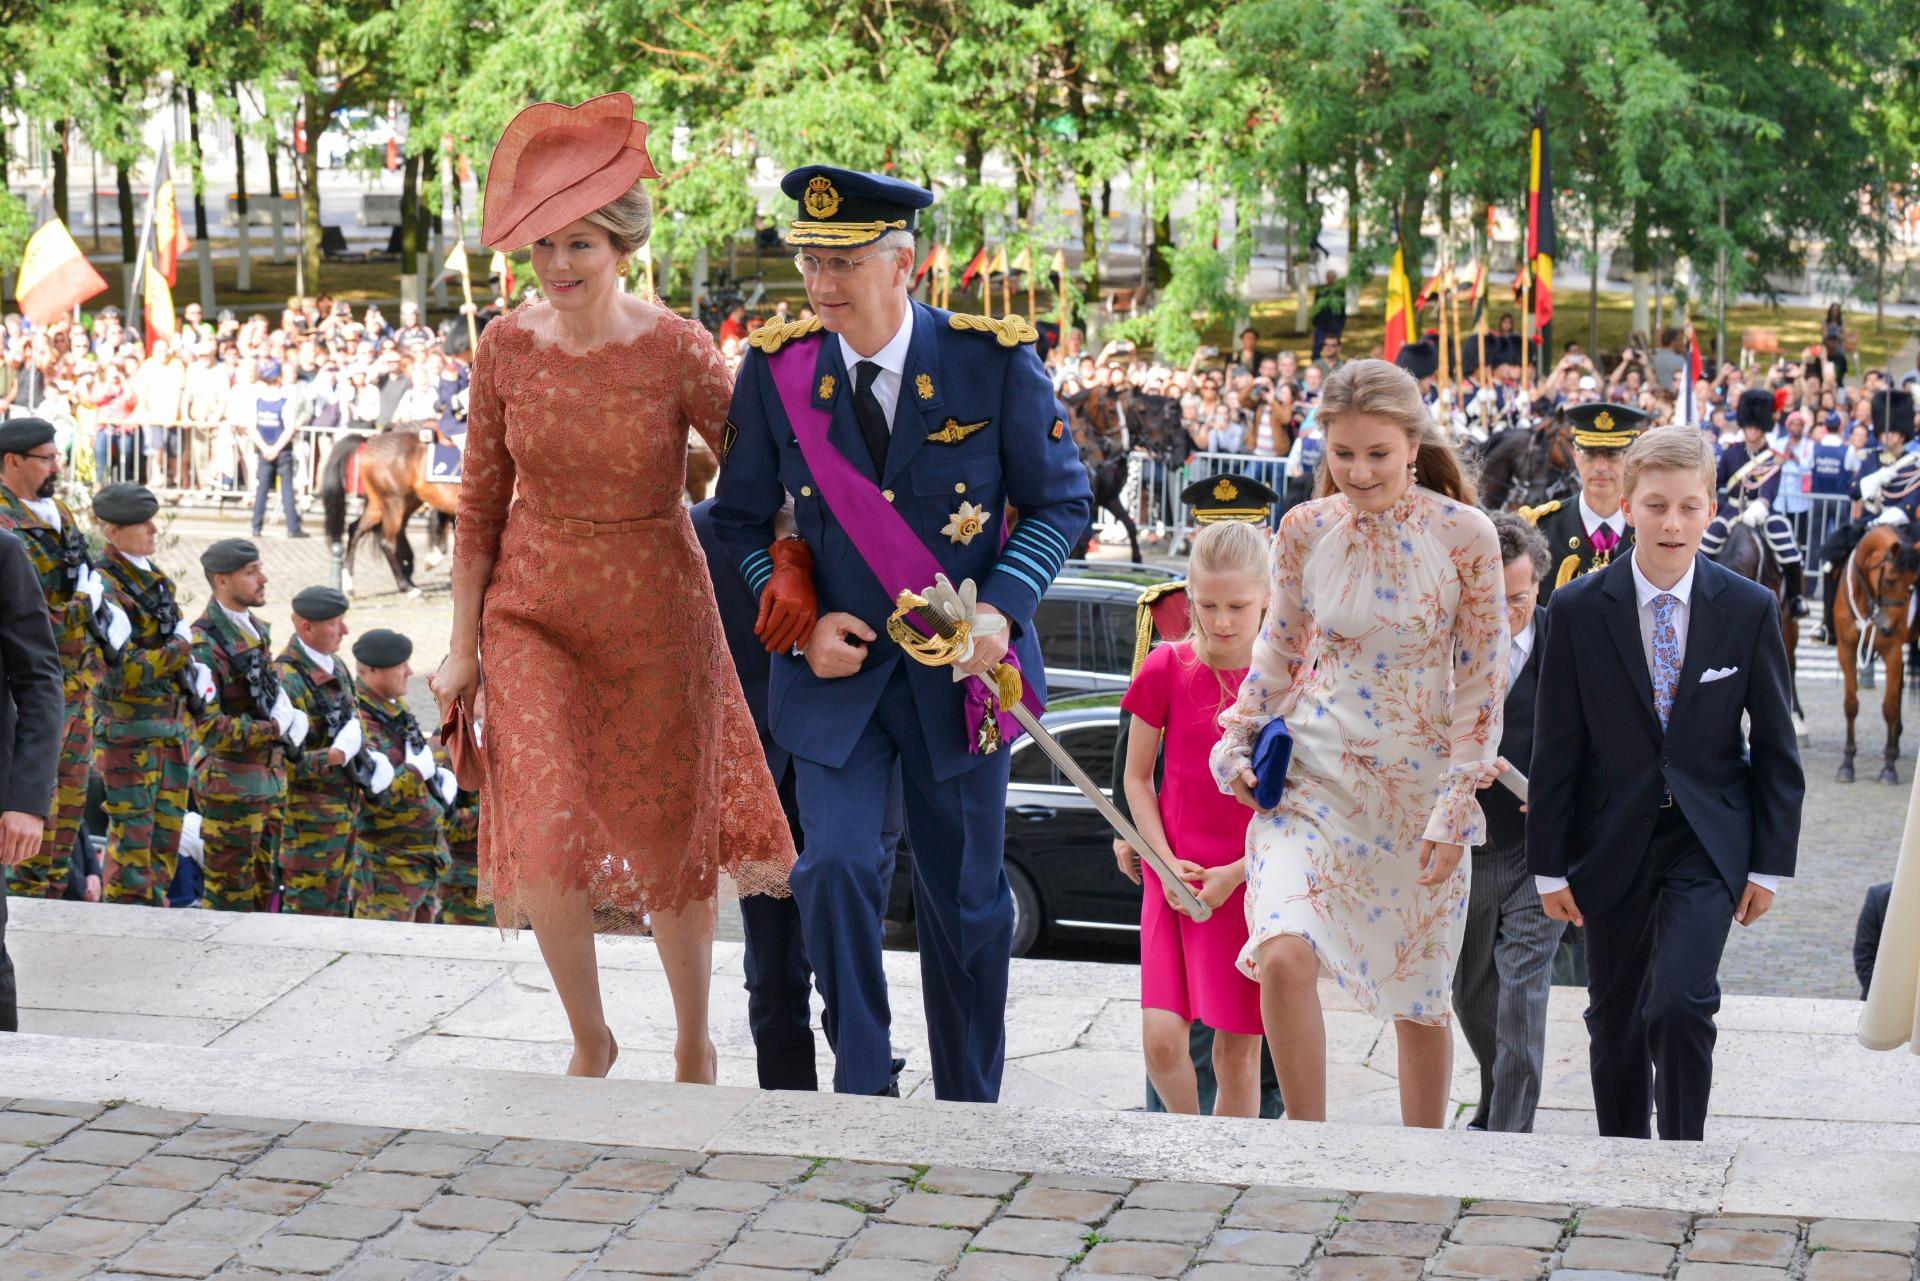 H.M. Koningin Mathilde viert de Nationale Feestdag met een Fabienne Delvigne hoed